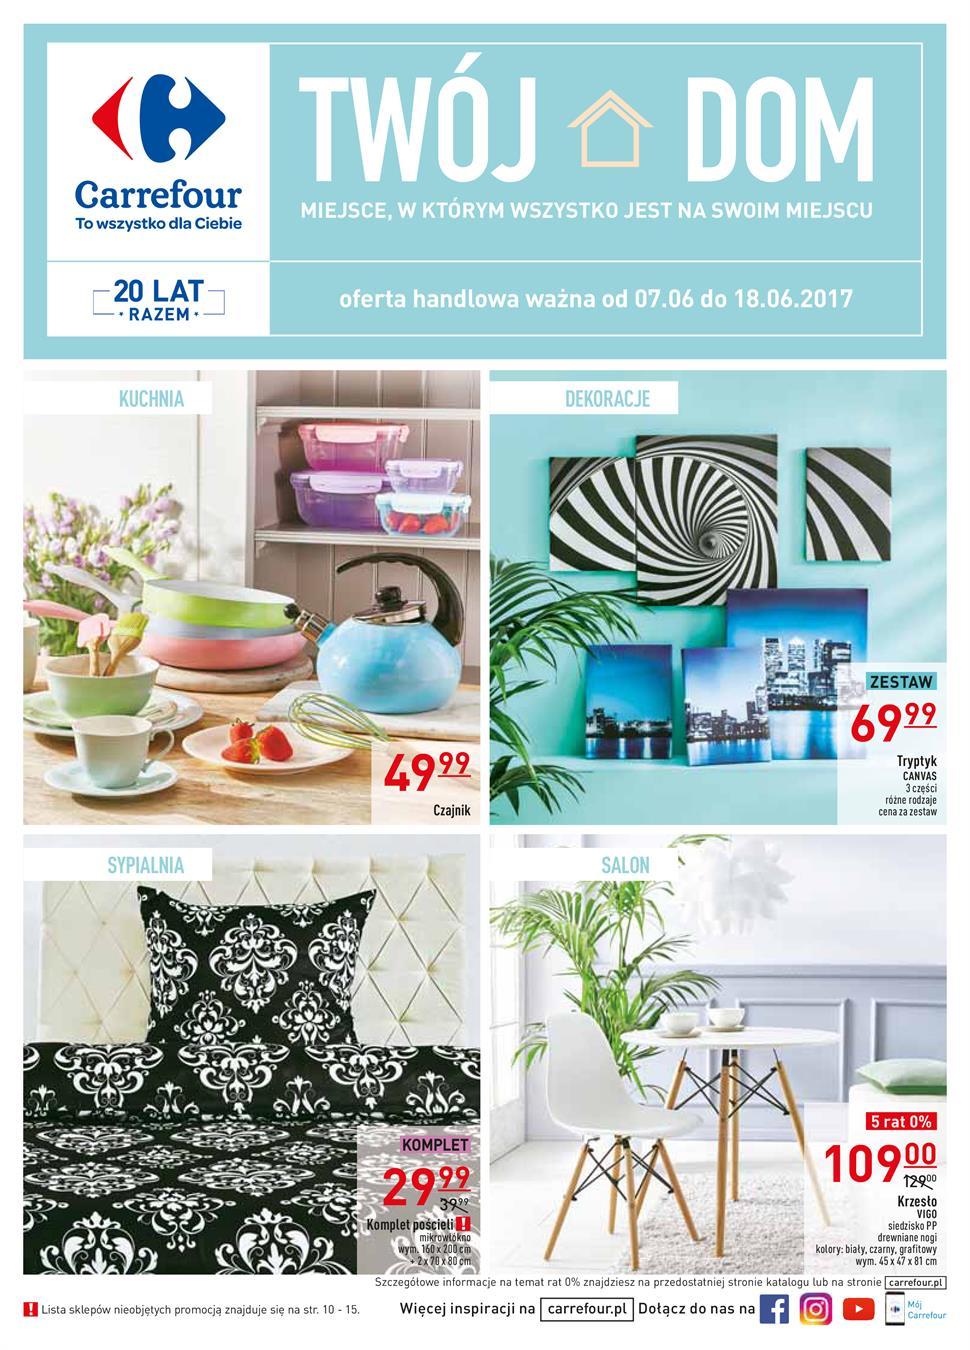 Gazetka Promocyjna Carrefourpl Twój Dom Czerwiec 2017